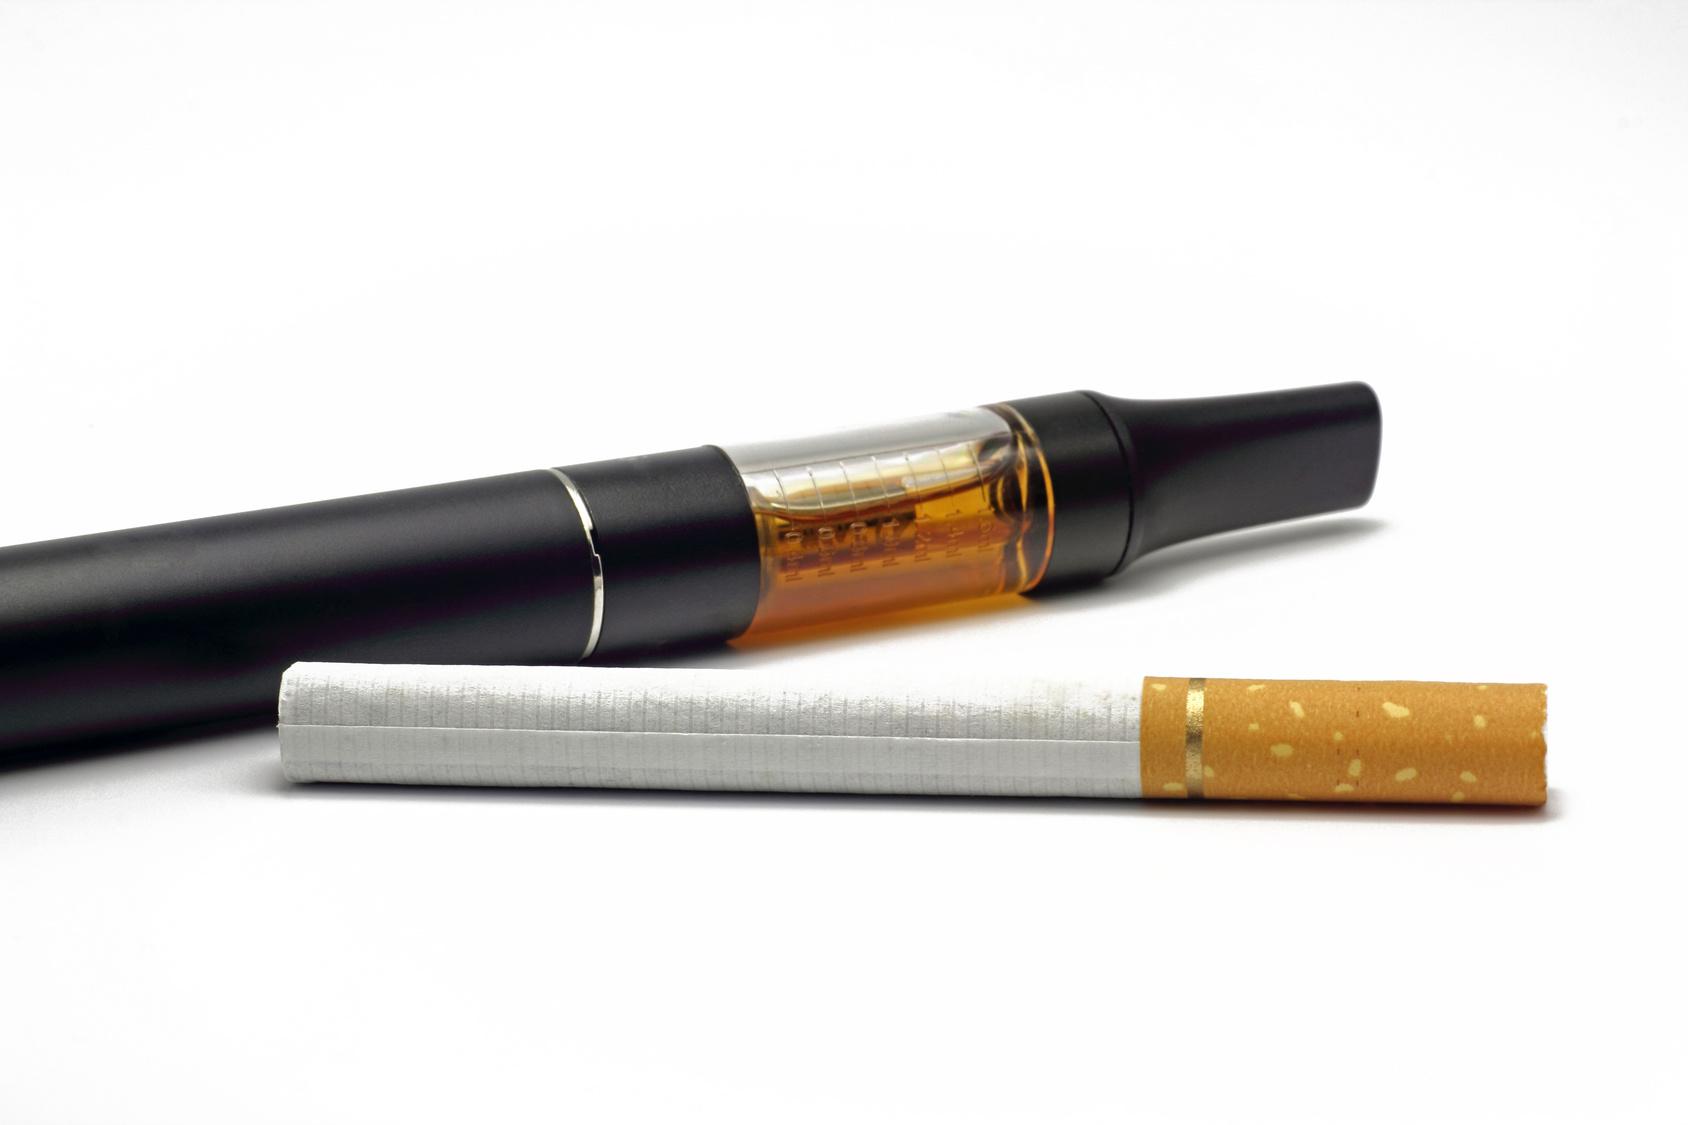 schrecklicher unfall e zigaretten batterie explodiert neben kinderwagen. Black Bedroom Furniture Sets. Home Design Ideas